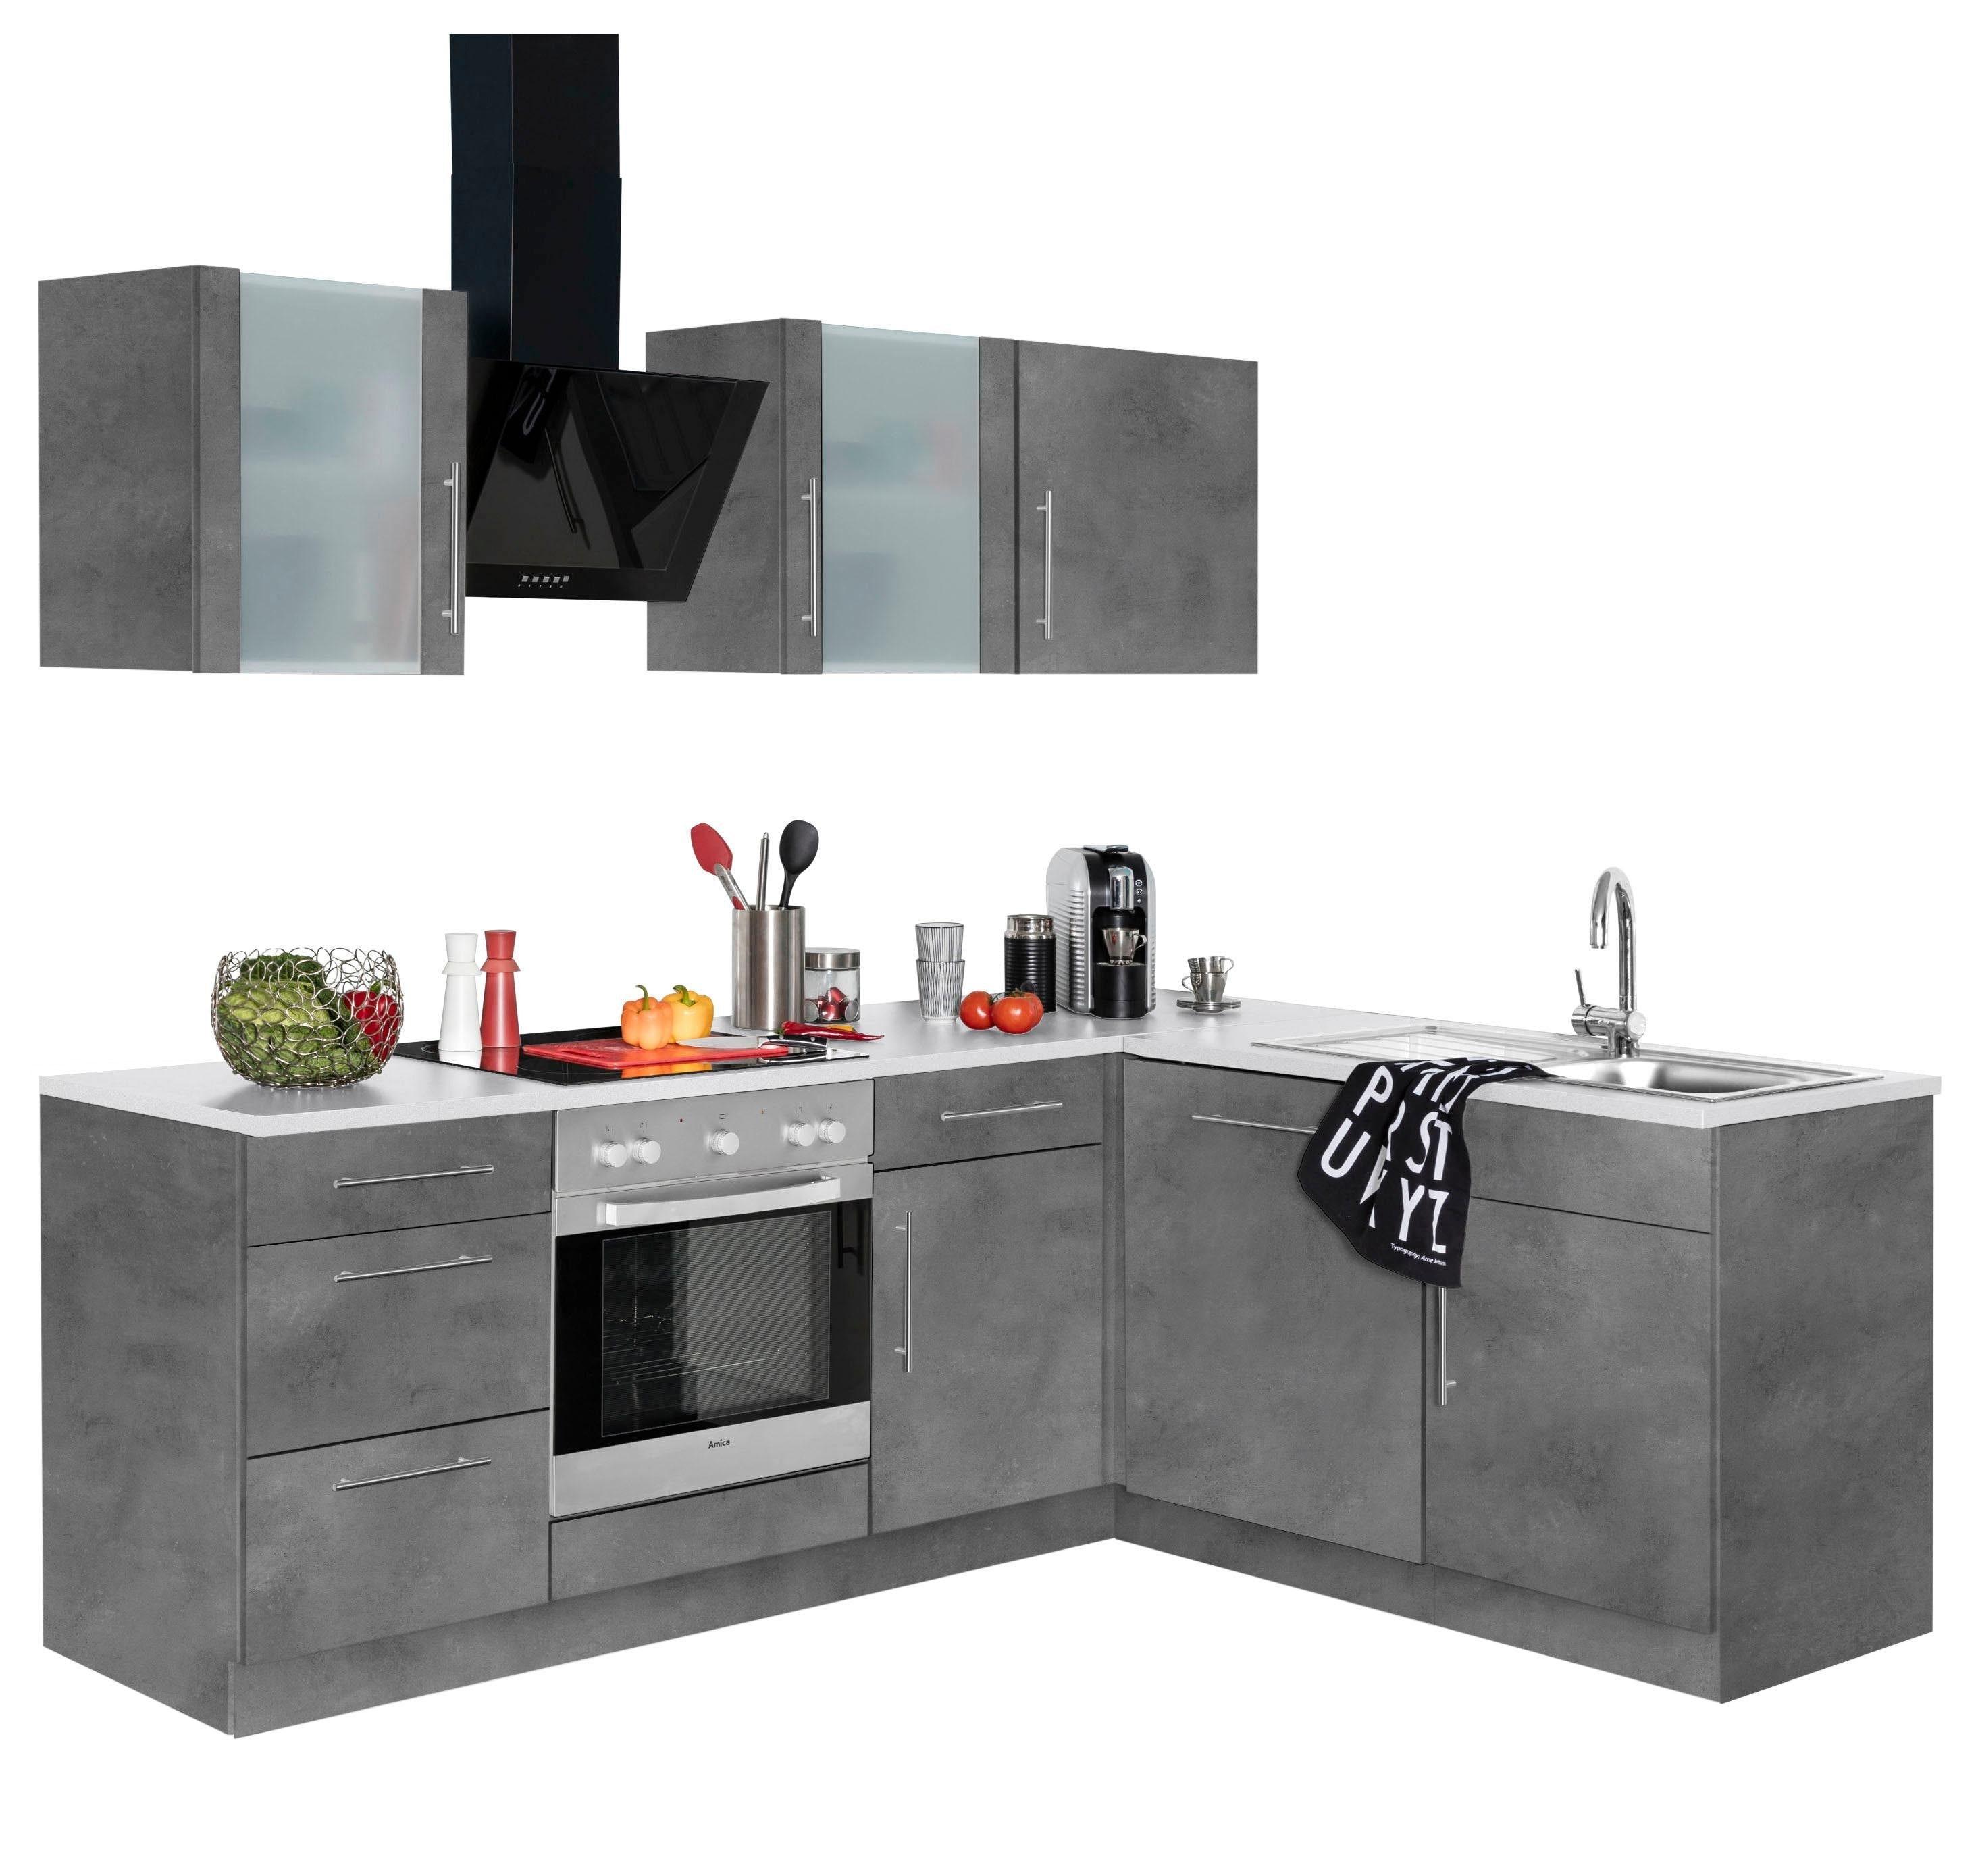 wiho Küchen Winkelküche Cali mit E-Geräten Stellbreite 220 x 170 cm